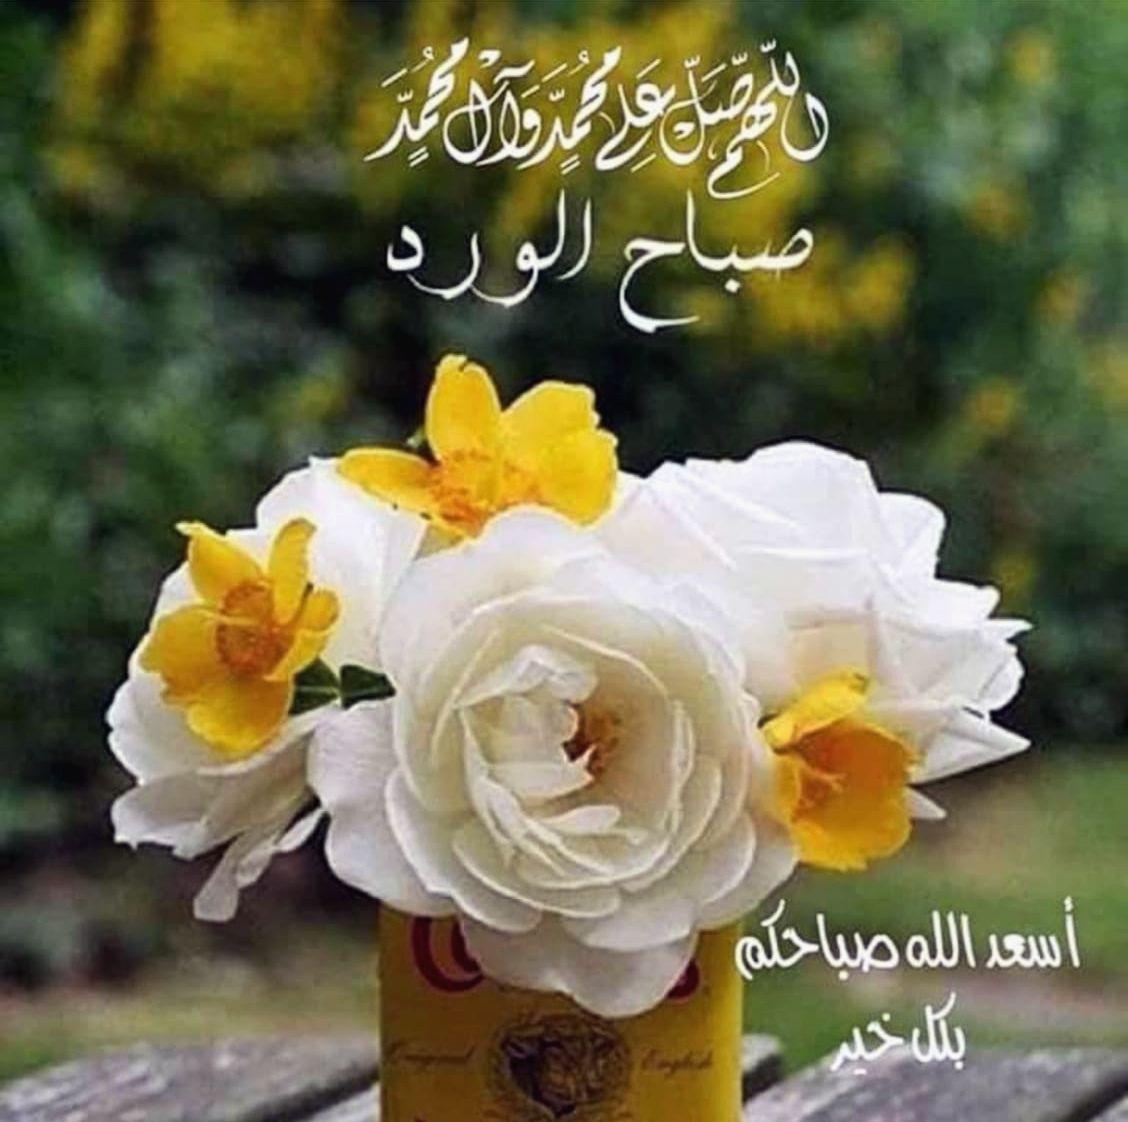 أسعد الله صباحكم بكل خير صباح الورد Rose Flowers Plants